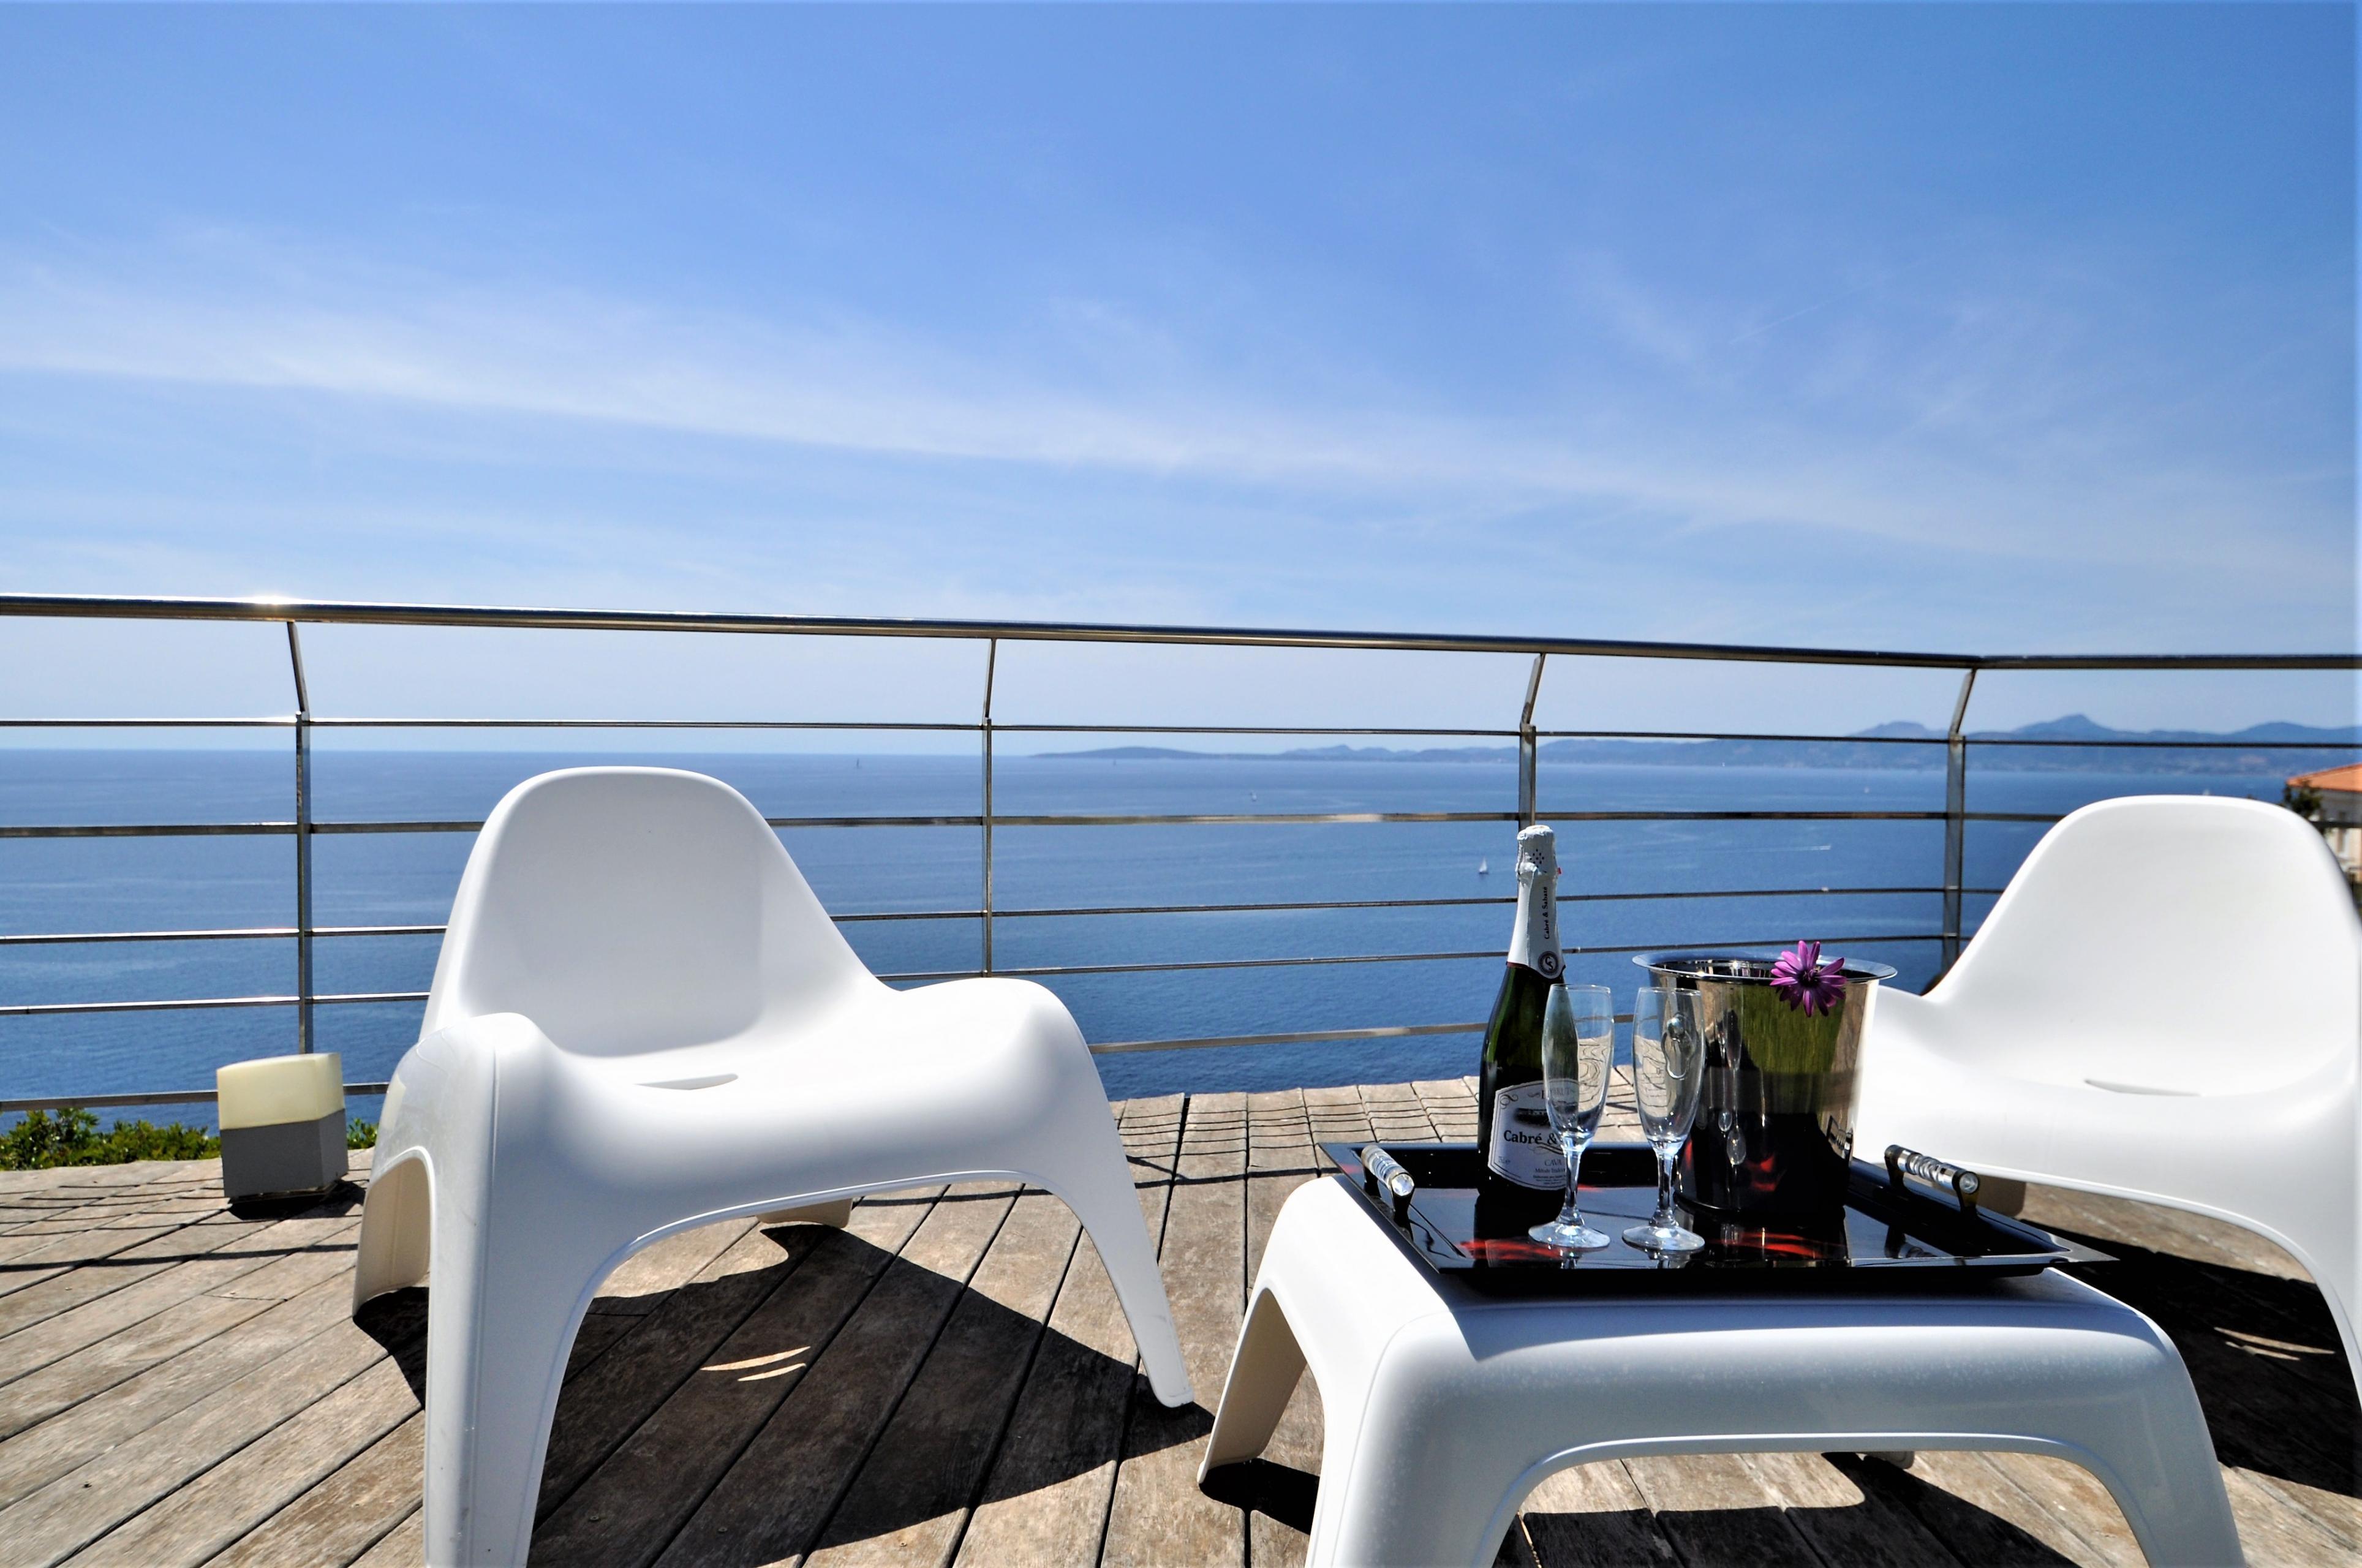 Maison de vacances VILLA BAY BLUE- Bahia Azul- Mallorca - VILLAONLINE - Kostenloses WLAN (2684052), Bahia Azul, Majorque, Iles Baléares, Espagne, image 9